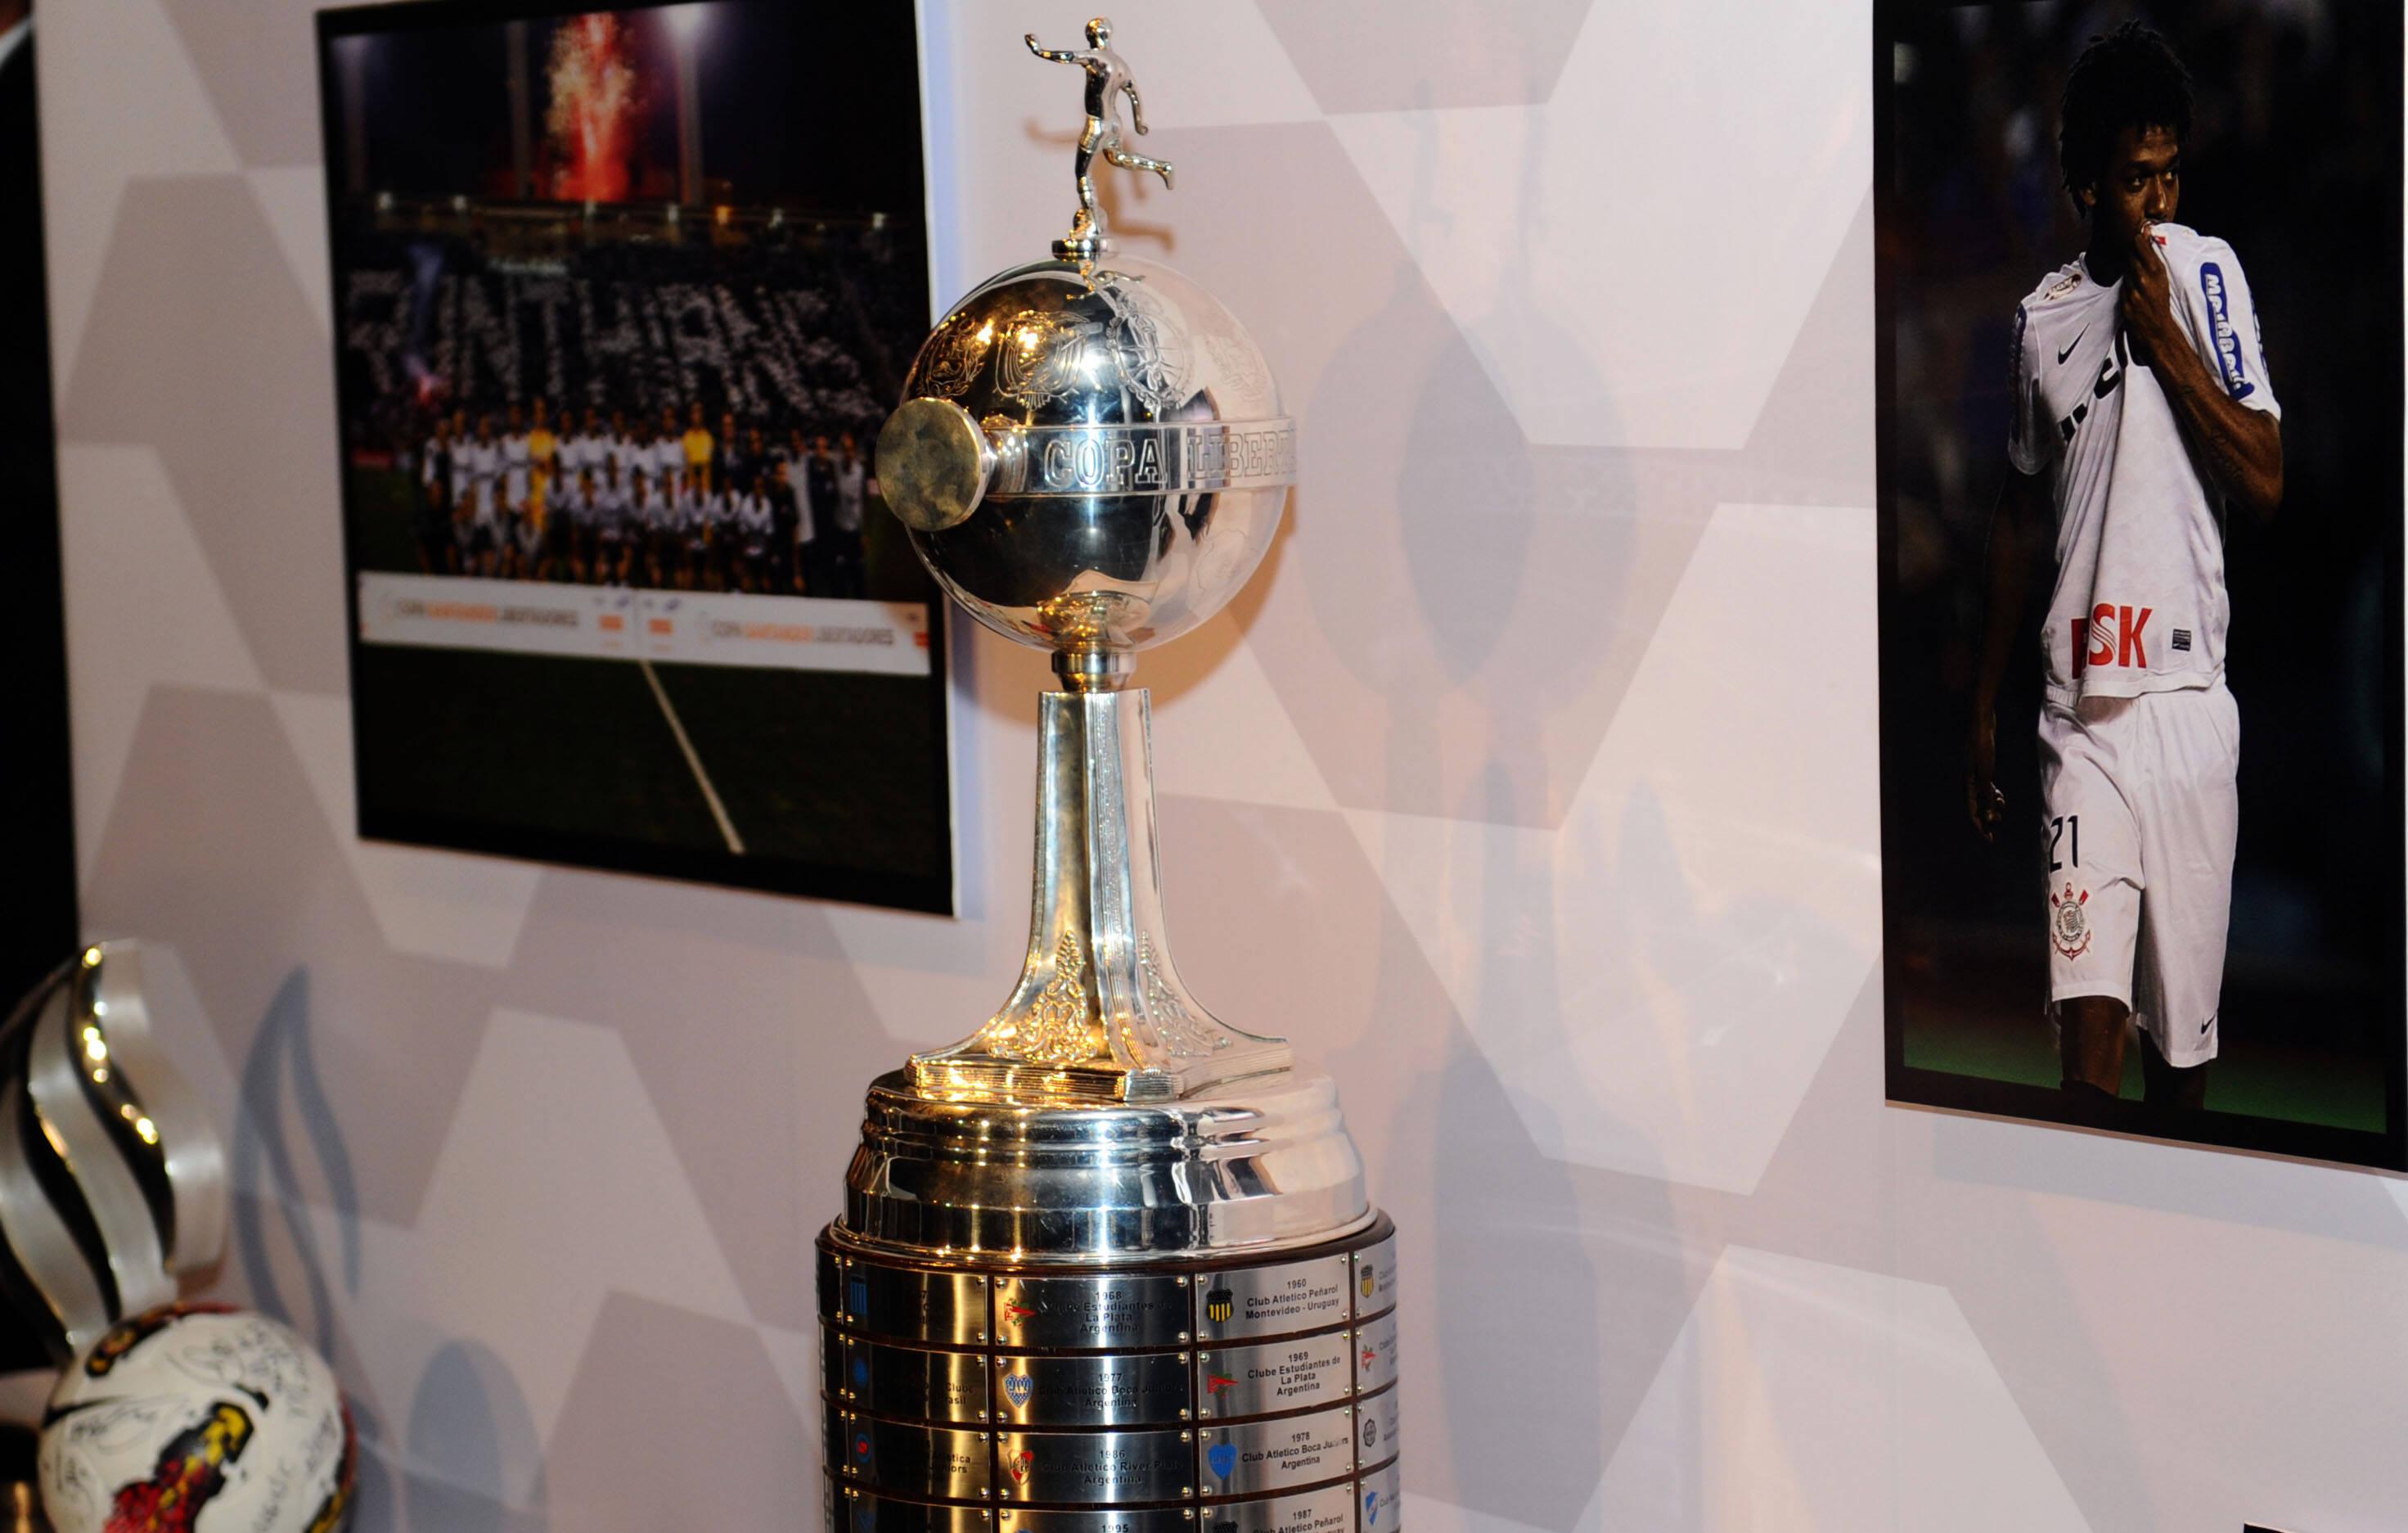 Depois de também passar pelo Boca Juniors, o Corinthians se tornou campeão da Libertadores em 2012 de maneira invicta. Foto: Gazeta Press